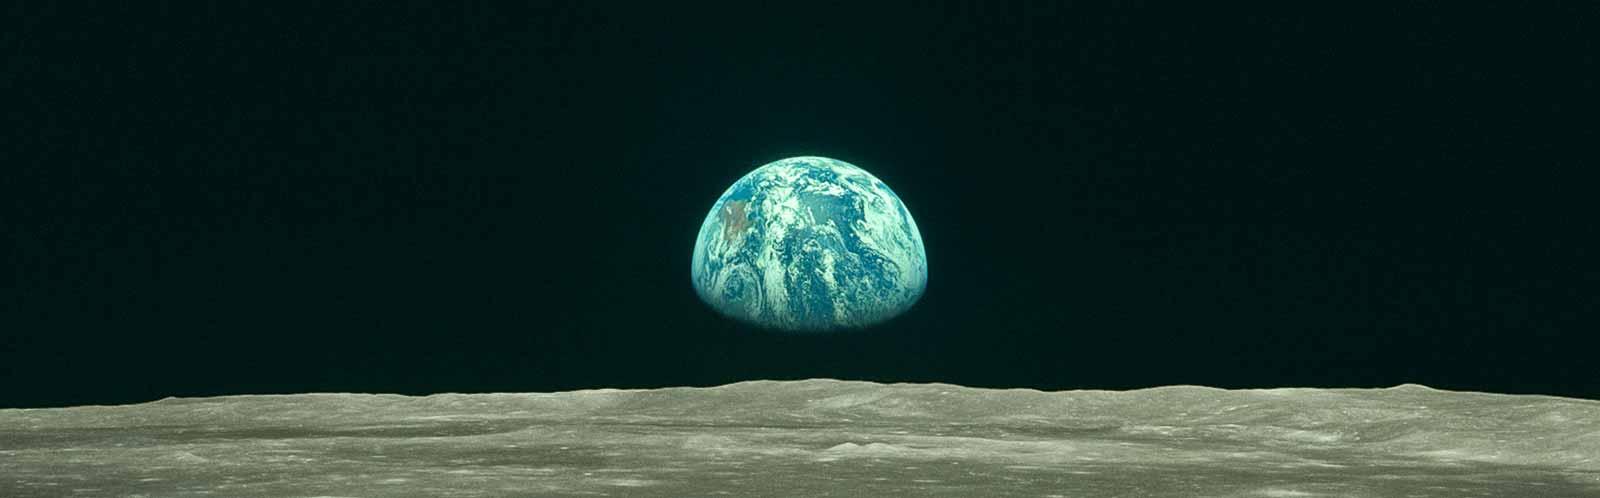 Apollo Earthrise Over the Moon